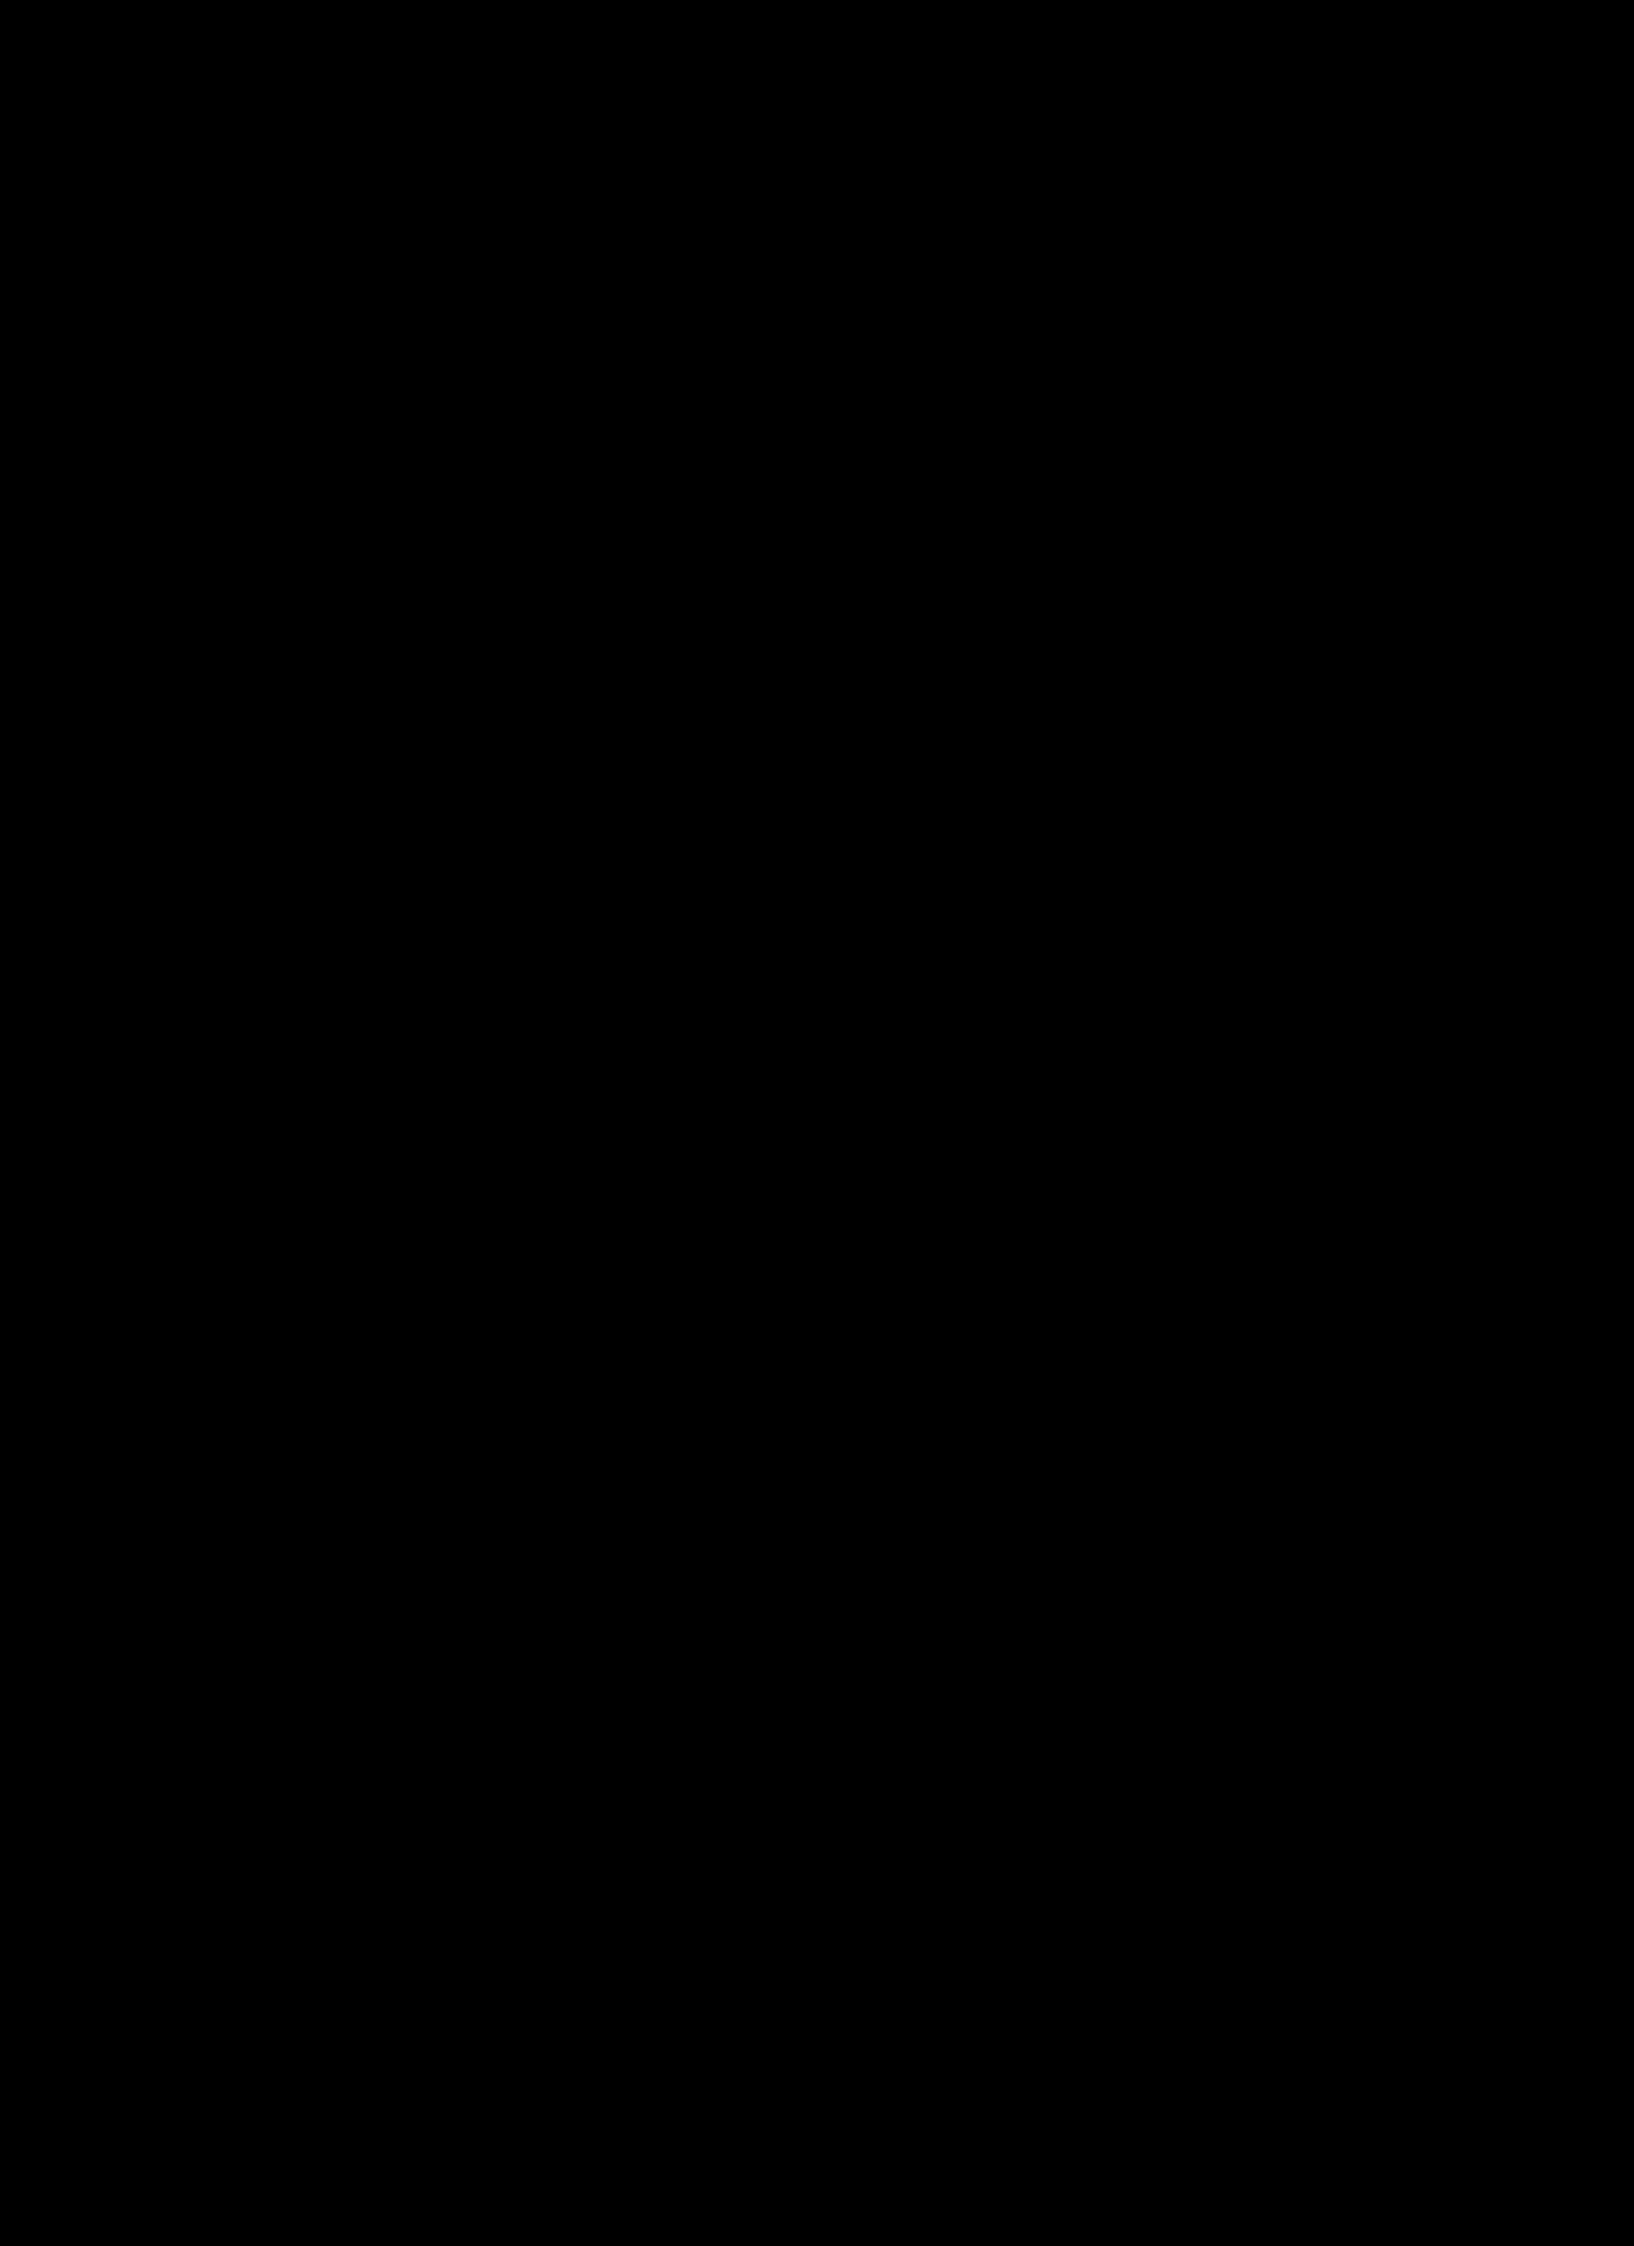 Noire Chatte De Fichier PNG